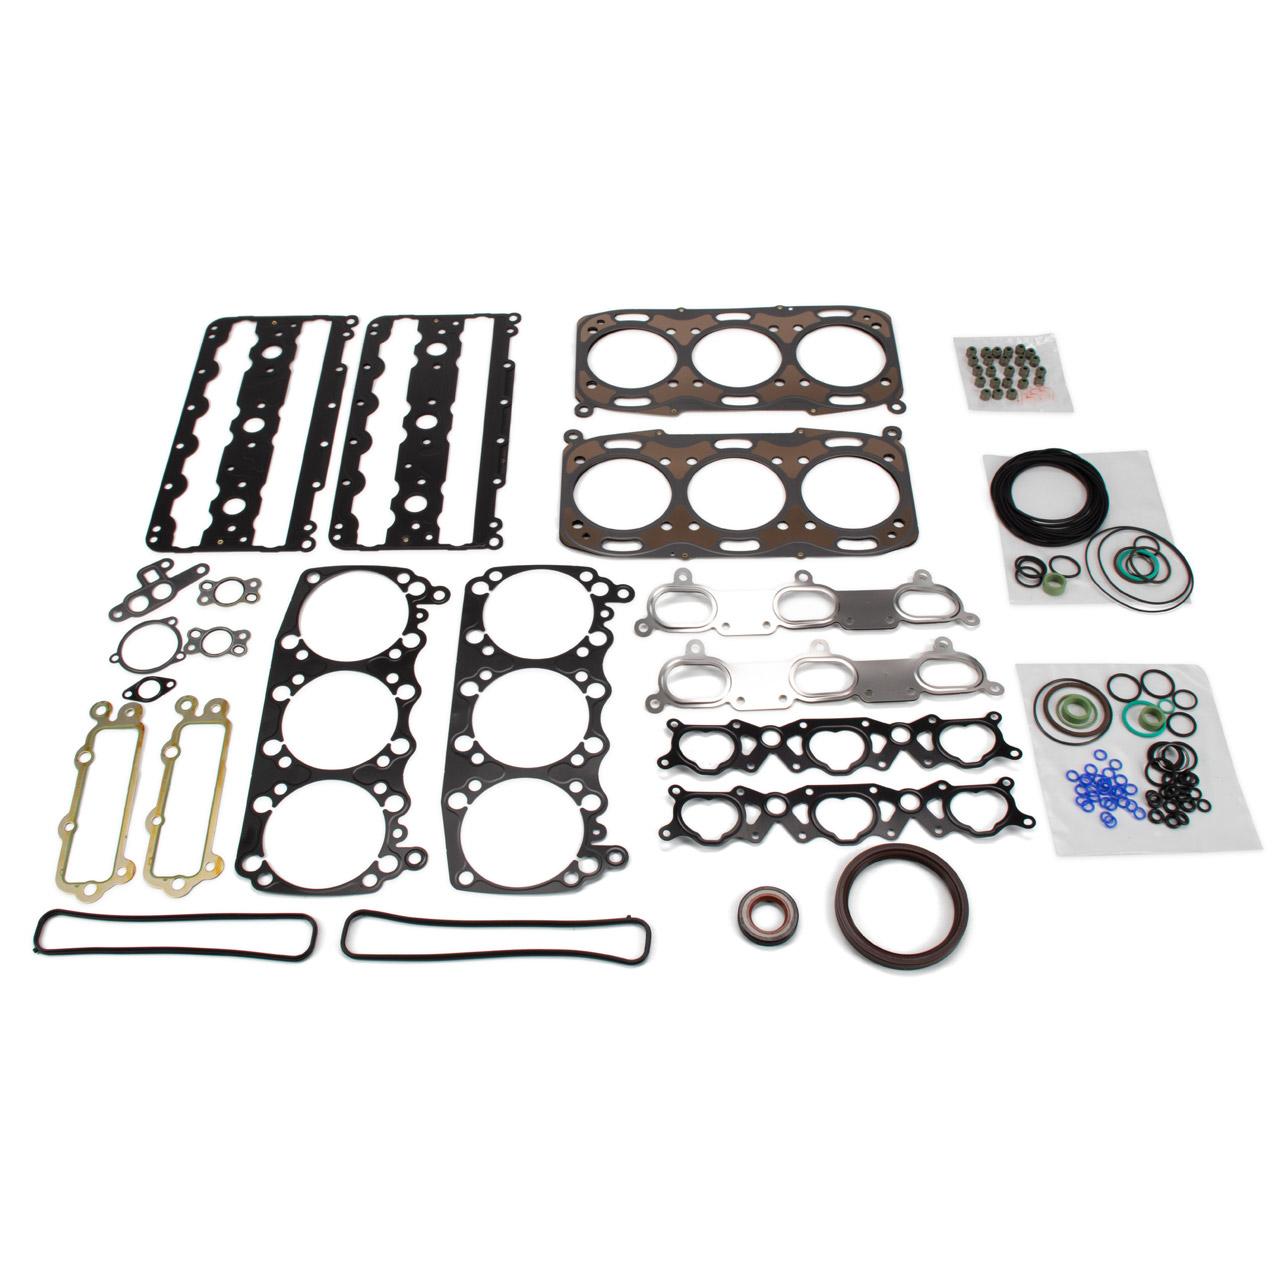 ELRING 845.640 Motordichtungssatz für PORSCHE 996 3.6 S / 3.6 Turbo 4 / 3.6 GT2